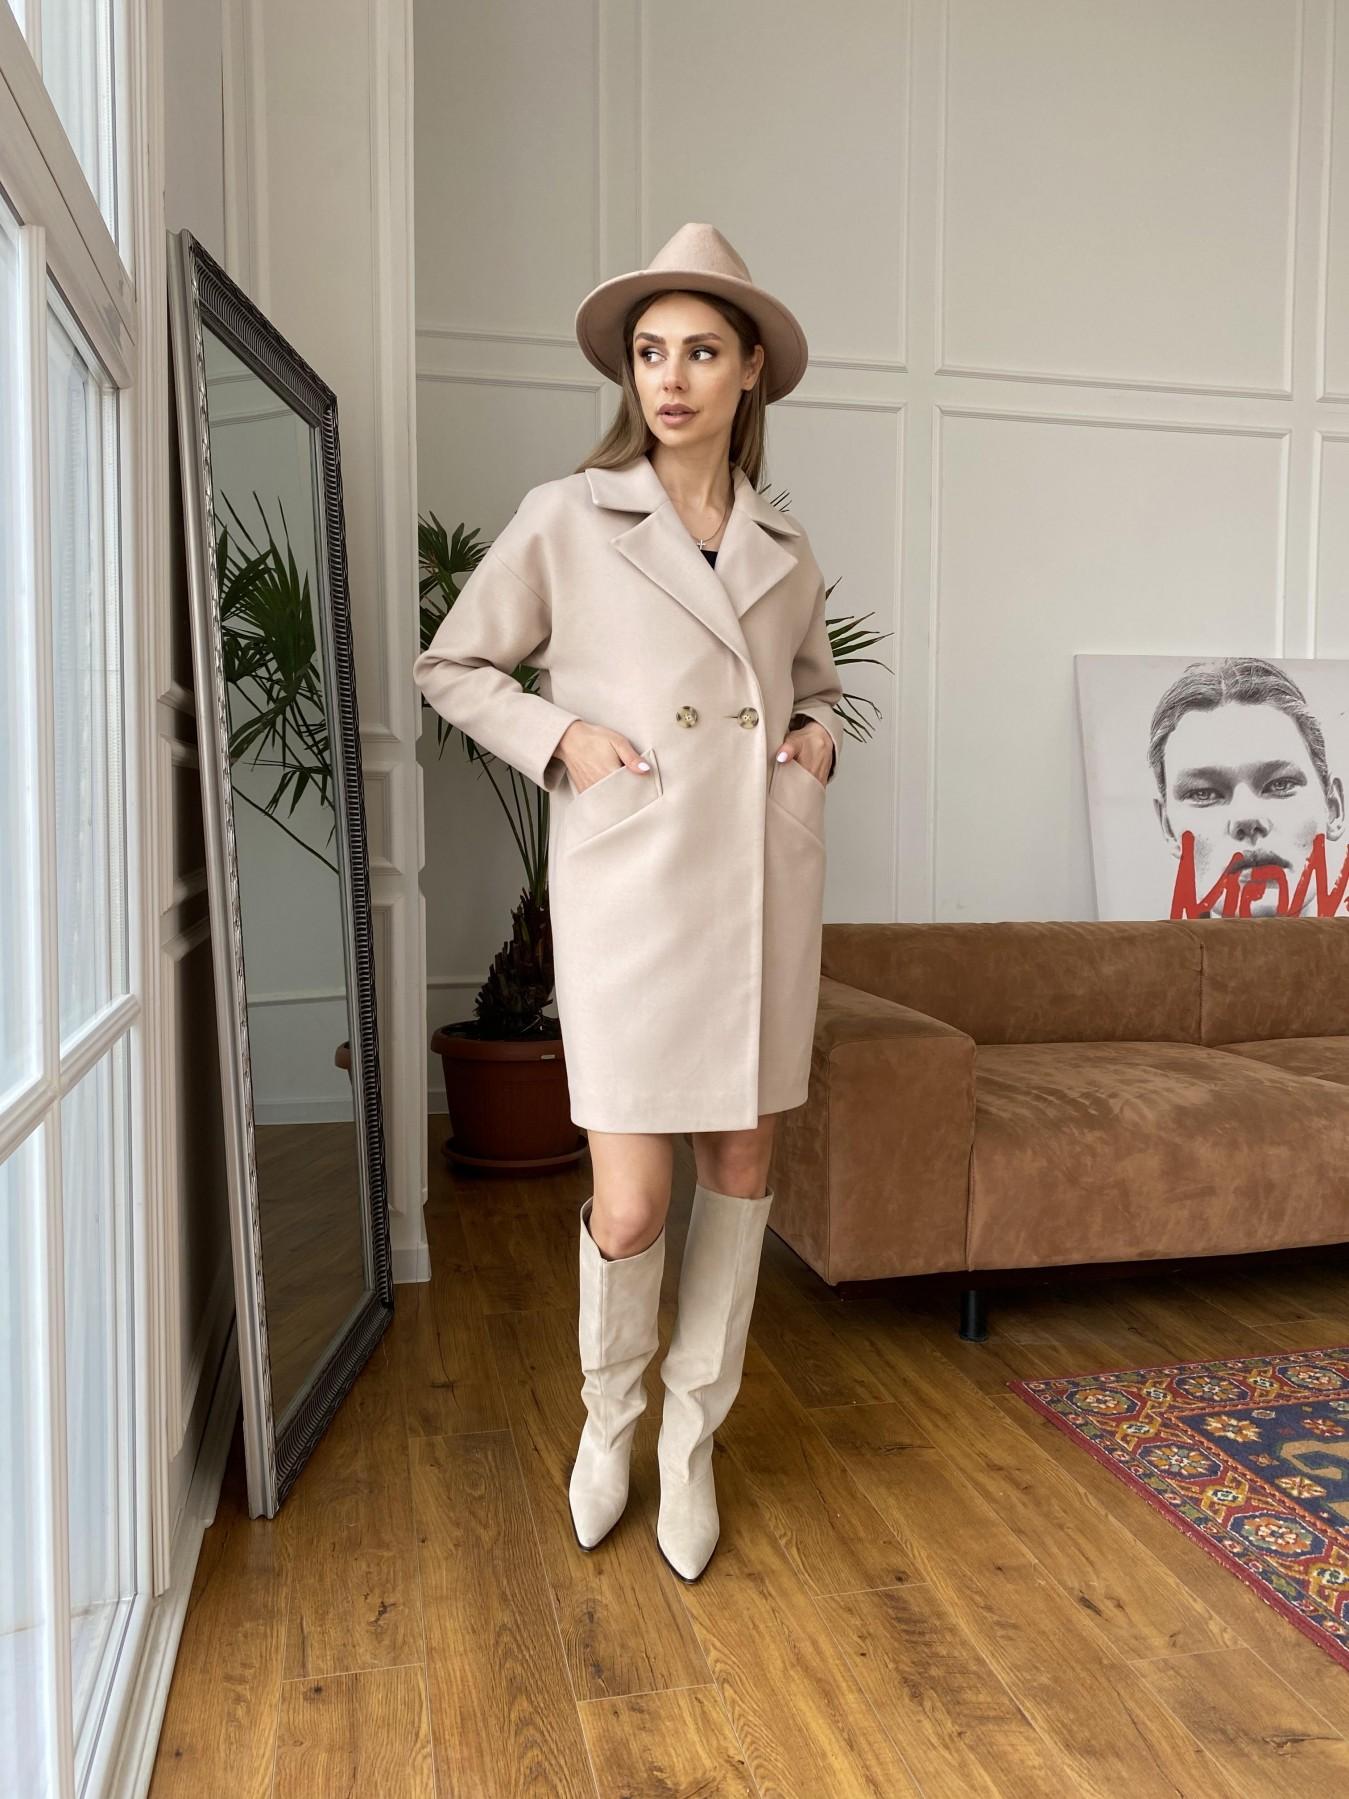 Сенсей пальто  из гладкого кашемира 10905 АРТ. 47373 Цвет: Бежевый - фото 2, интернет магазин tm-modus.ru